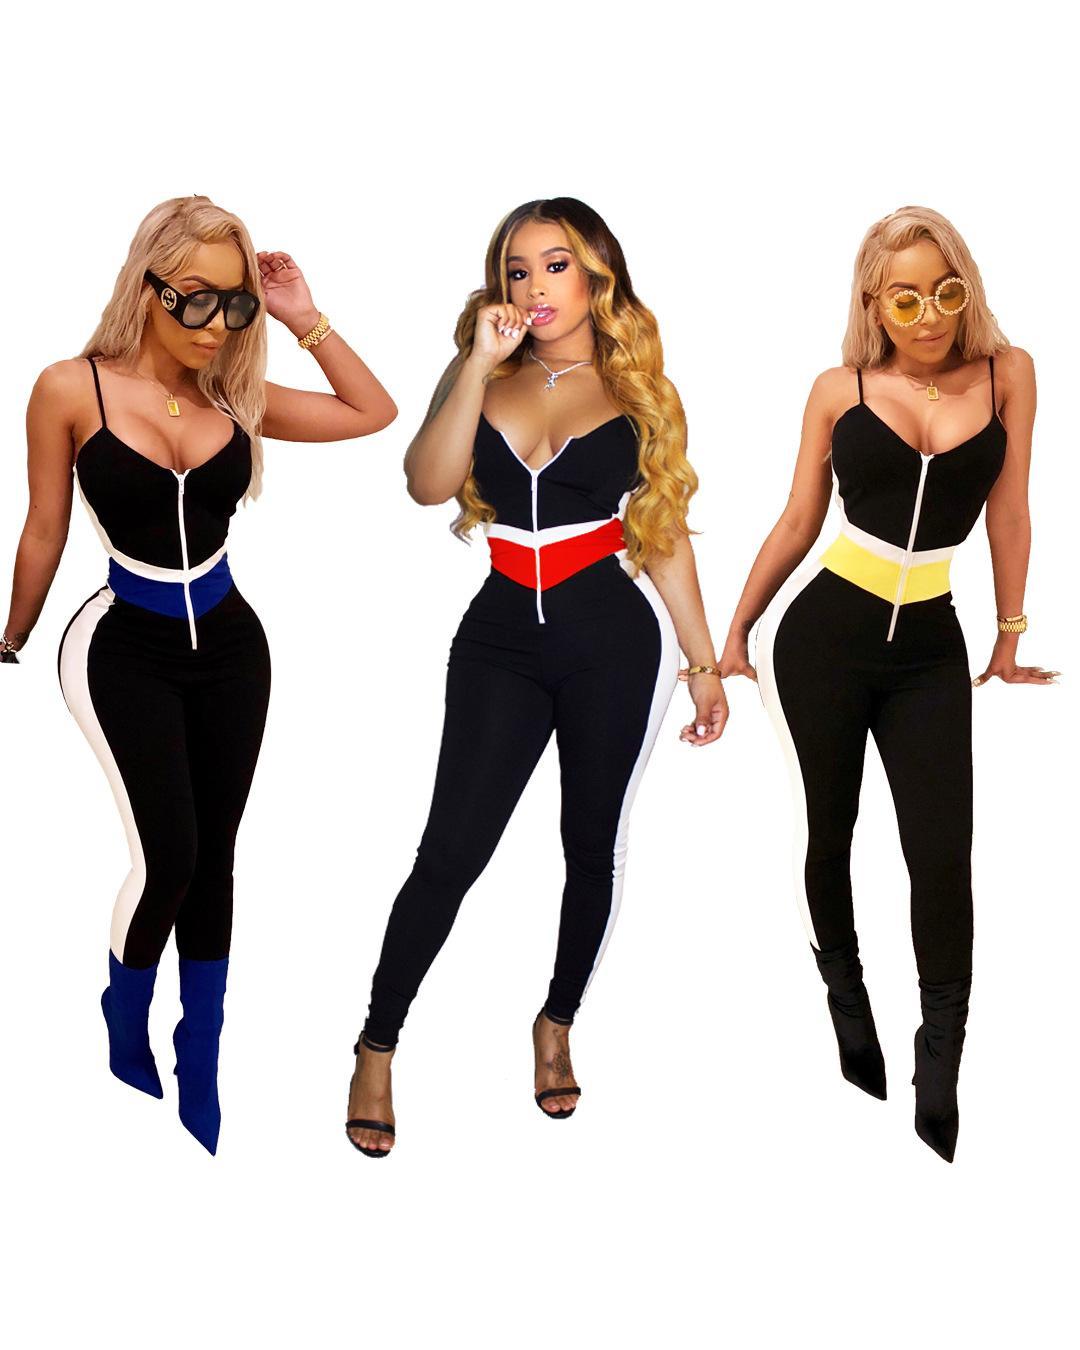 2020 New roupas baratas China atacado europeus e americanos Mulheres Jumpsuits macacãozinho Sexy dois tons costura suspender jumpsuit